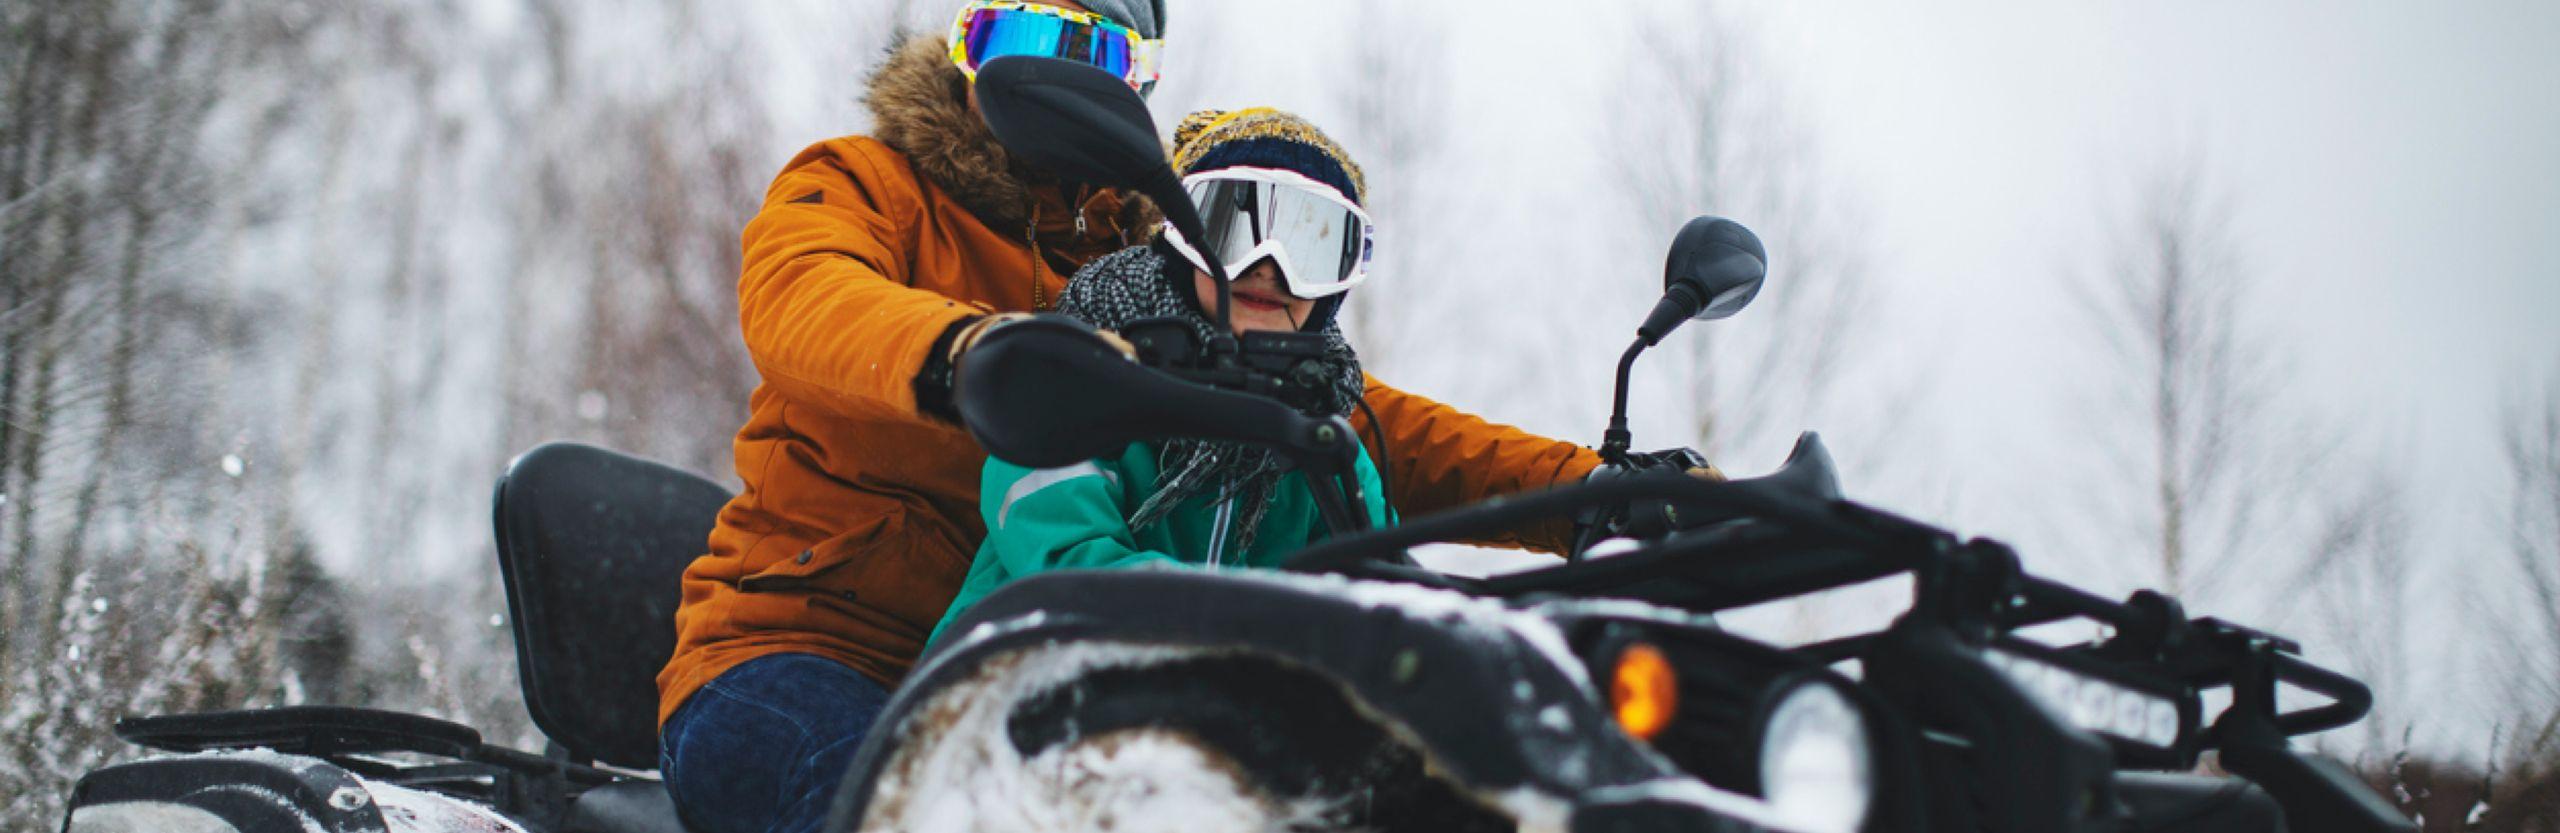 Photo d'un homme et d'un garçon sur un VTT dans la neige